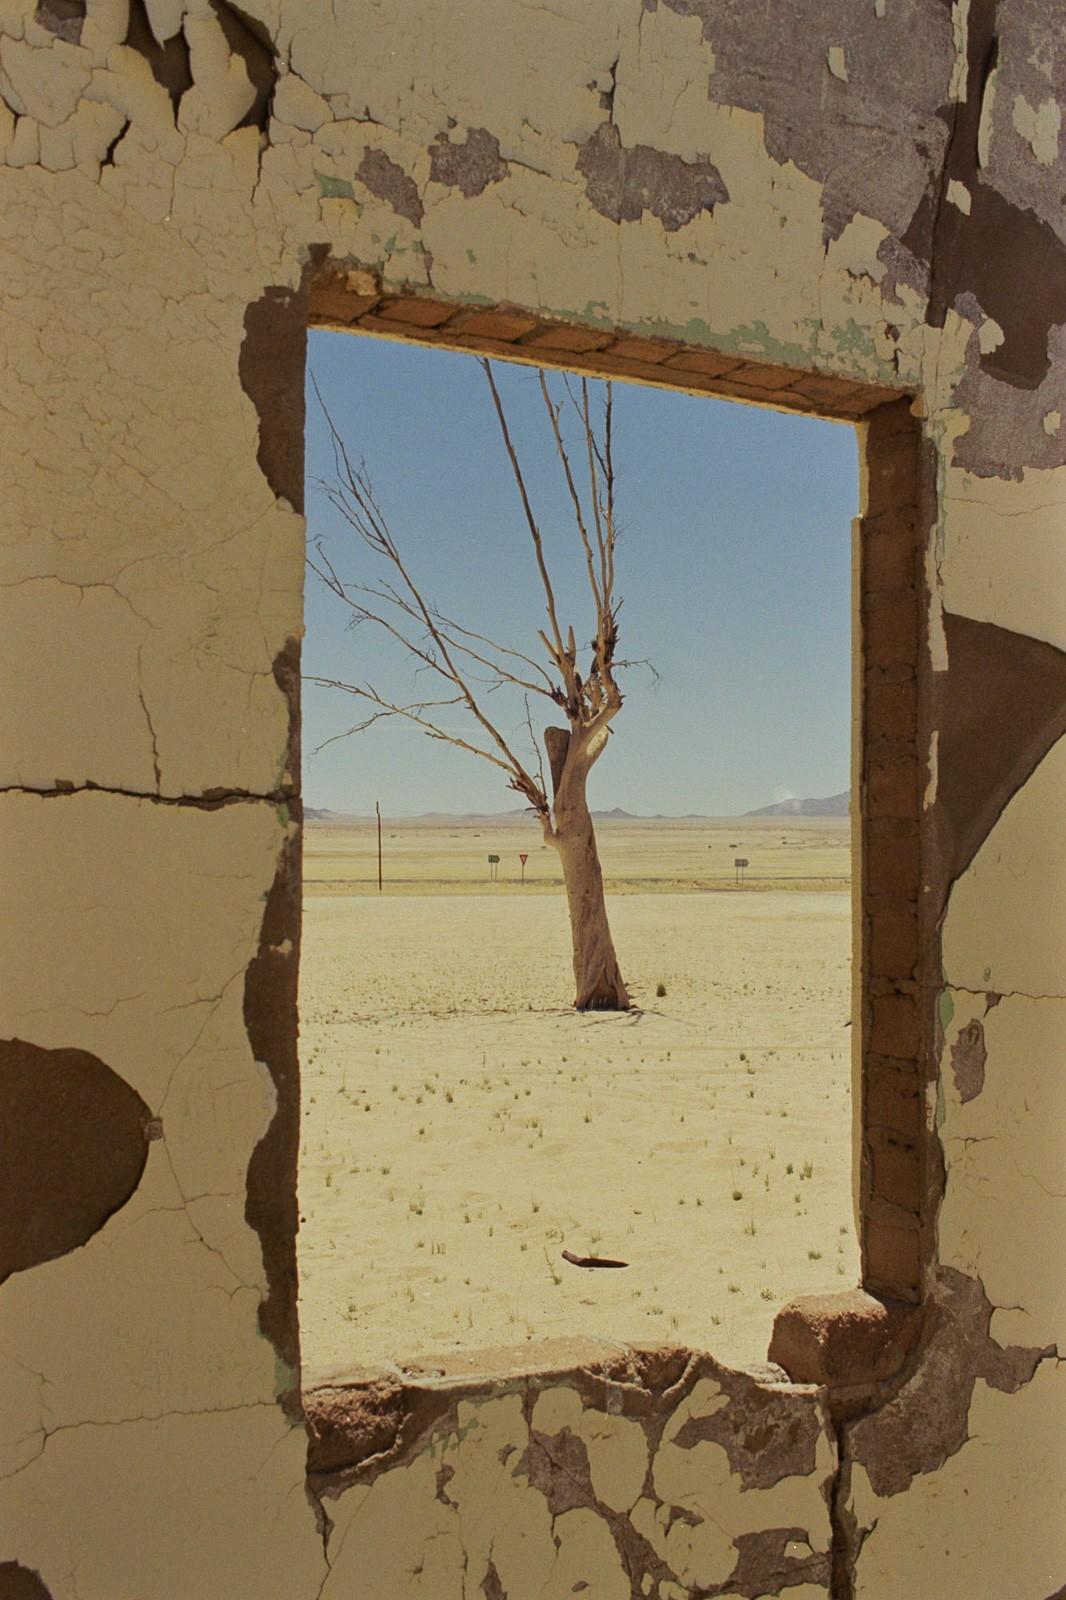 namibia-desert-04.jpg